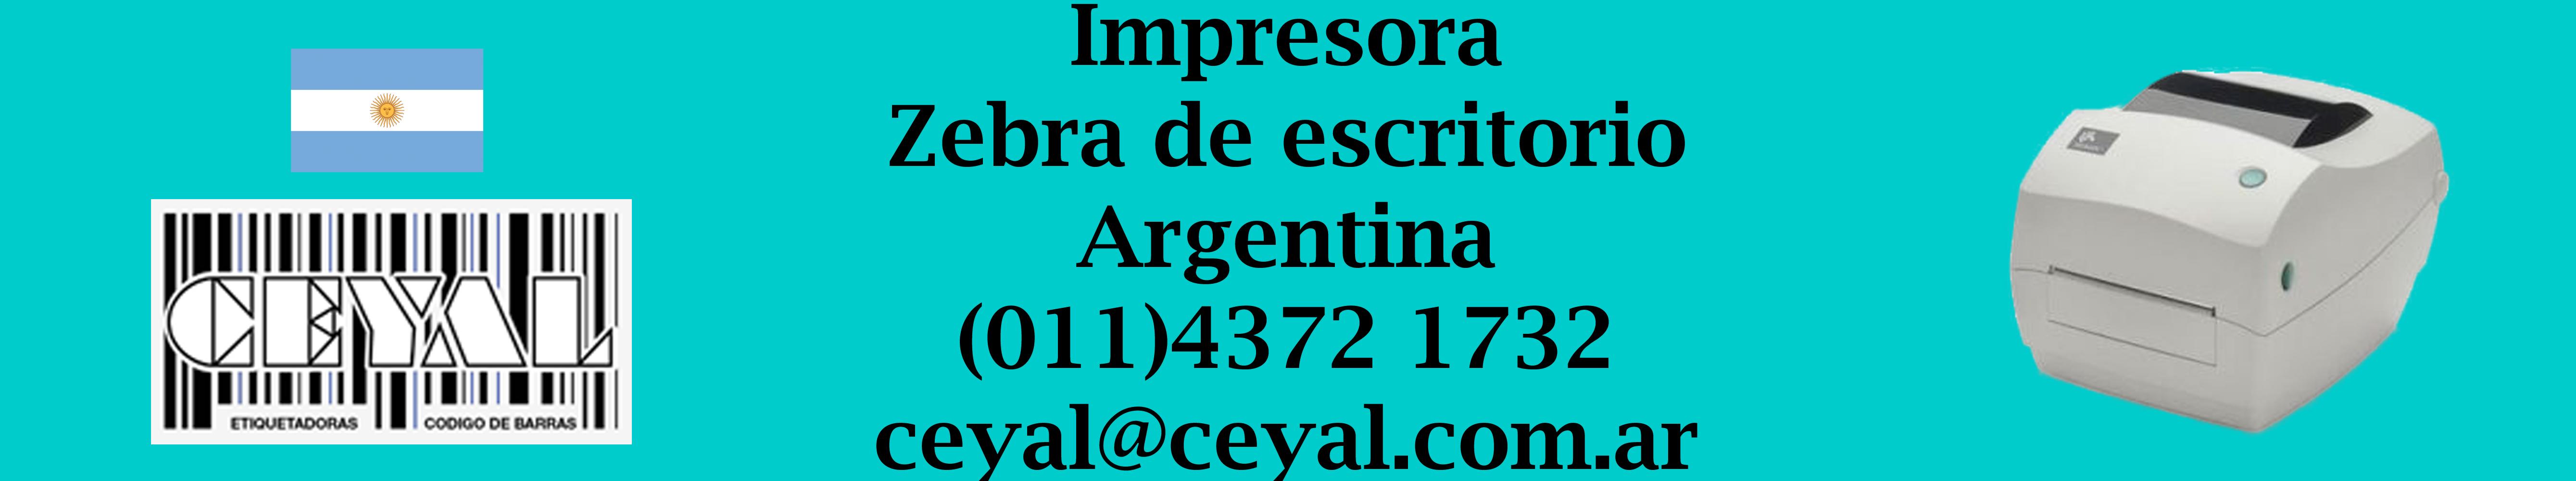 impresora zebra de escritorio argentina